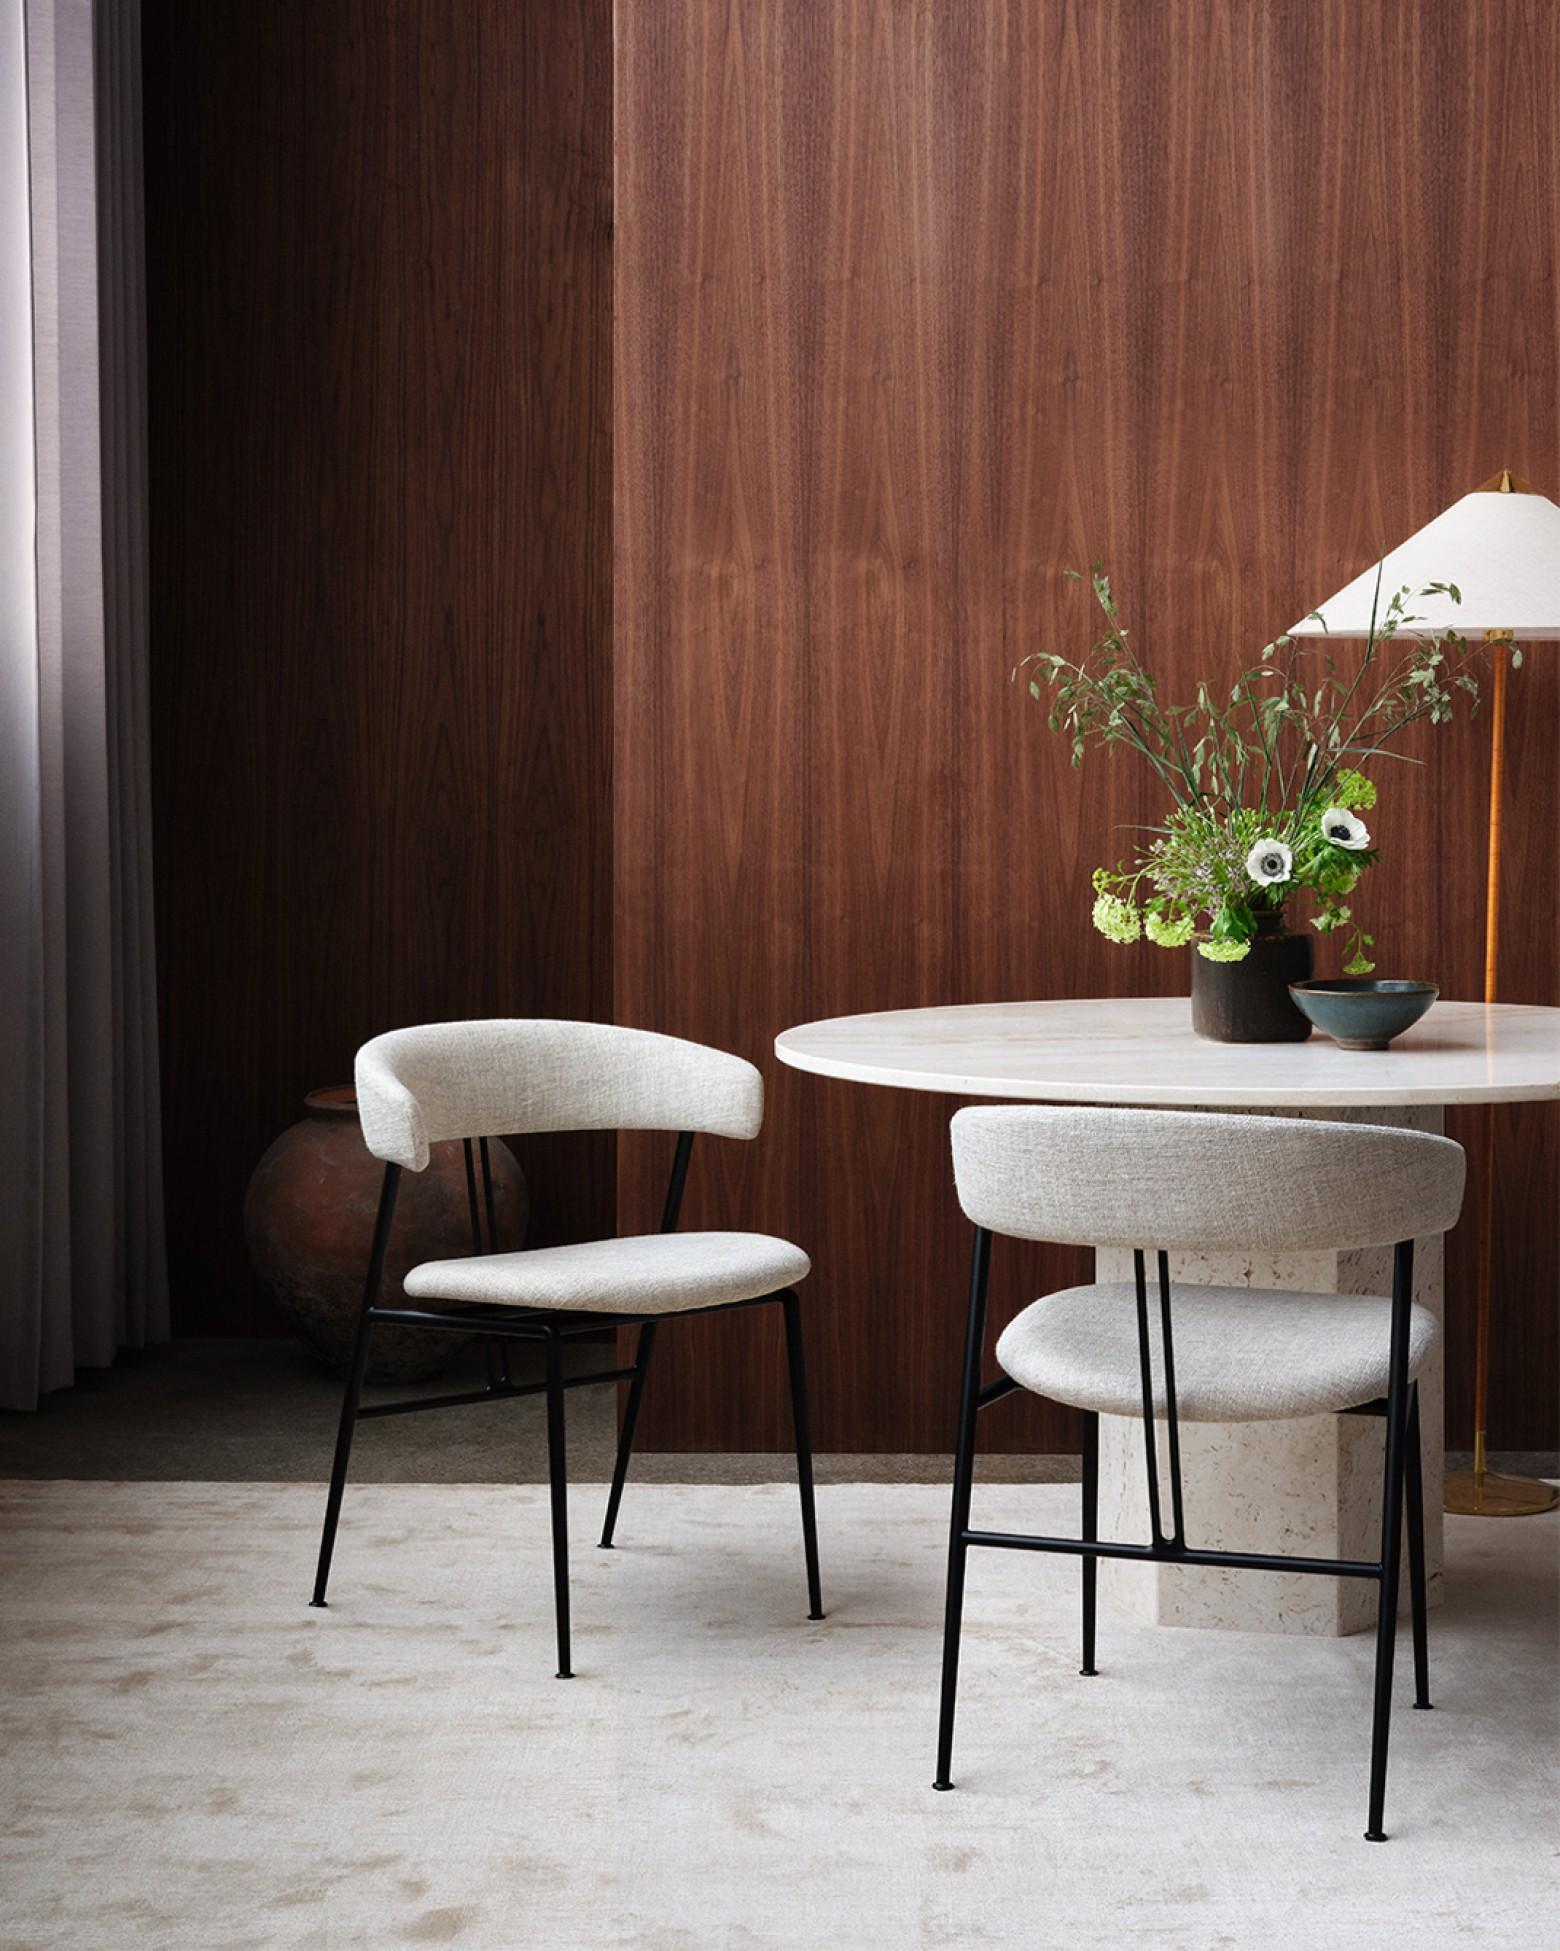 Alweer een succesvolle creatie van GamFratesi voor GUBI: VIOLIN Chair  Victors Design Agency